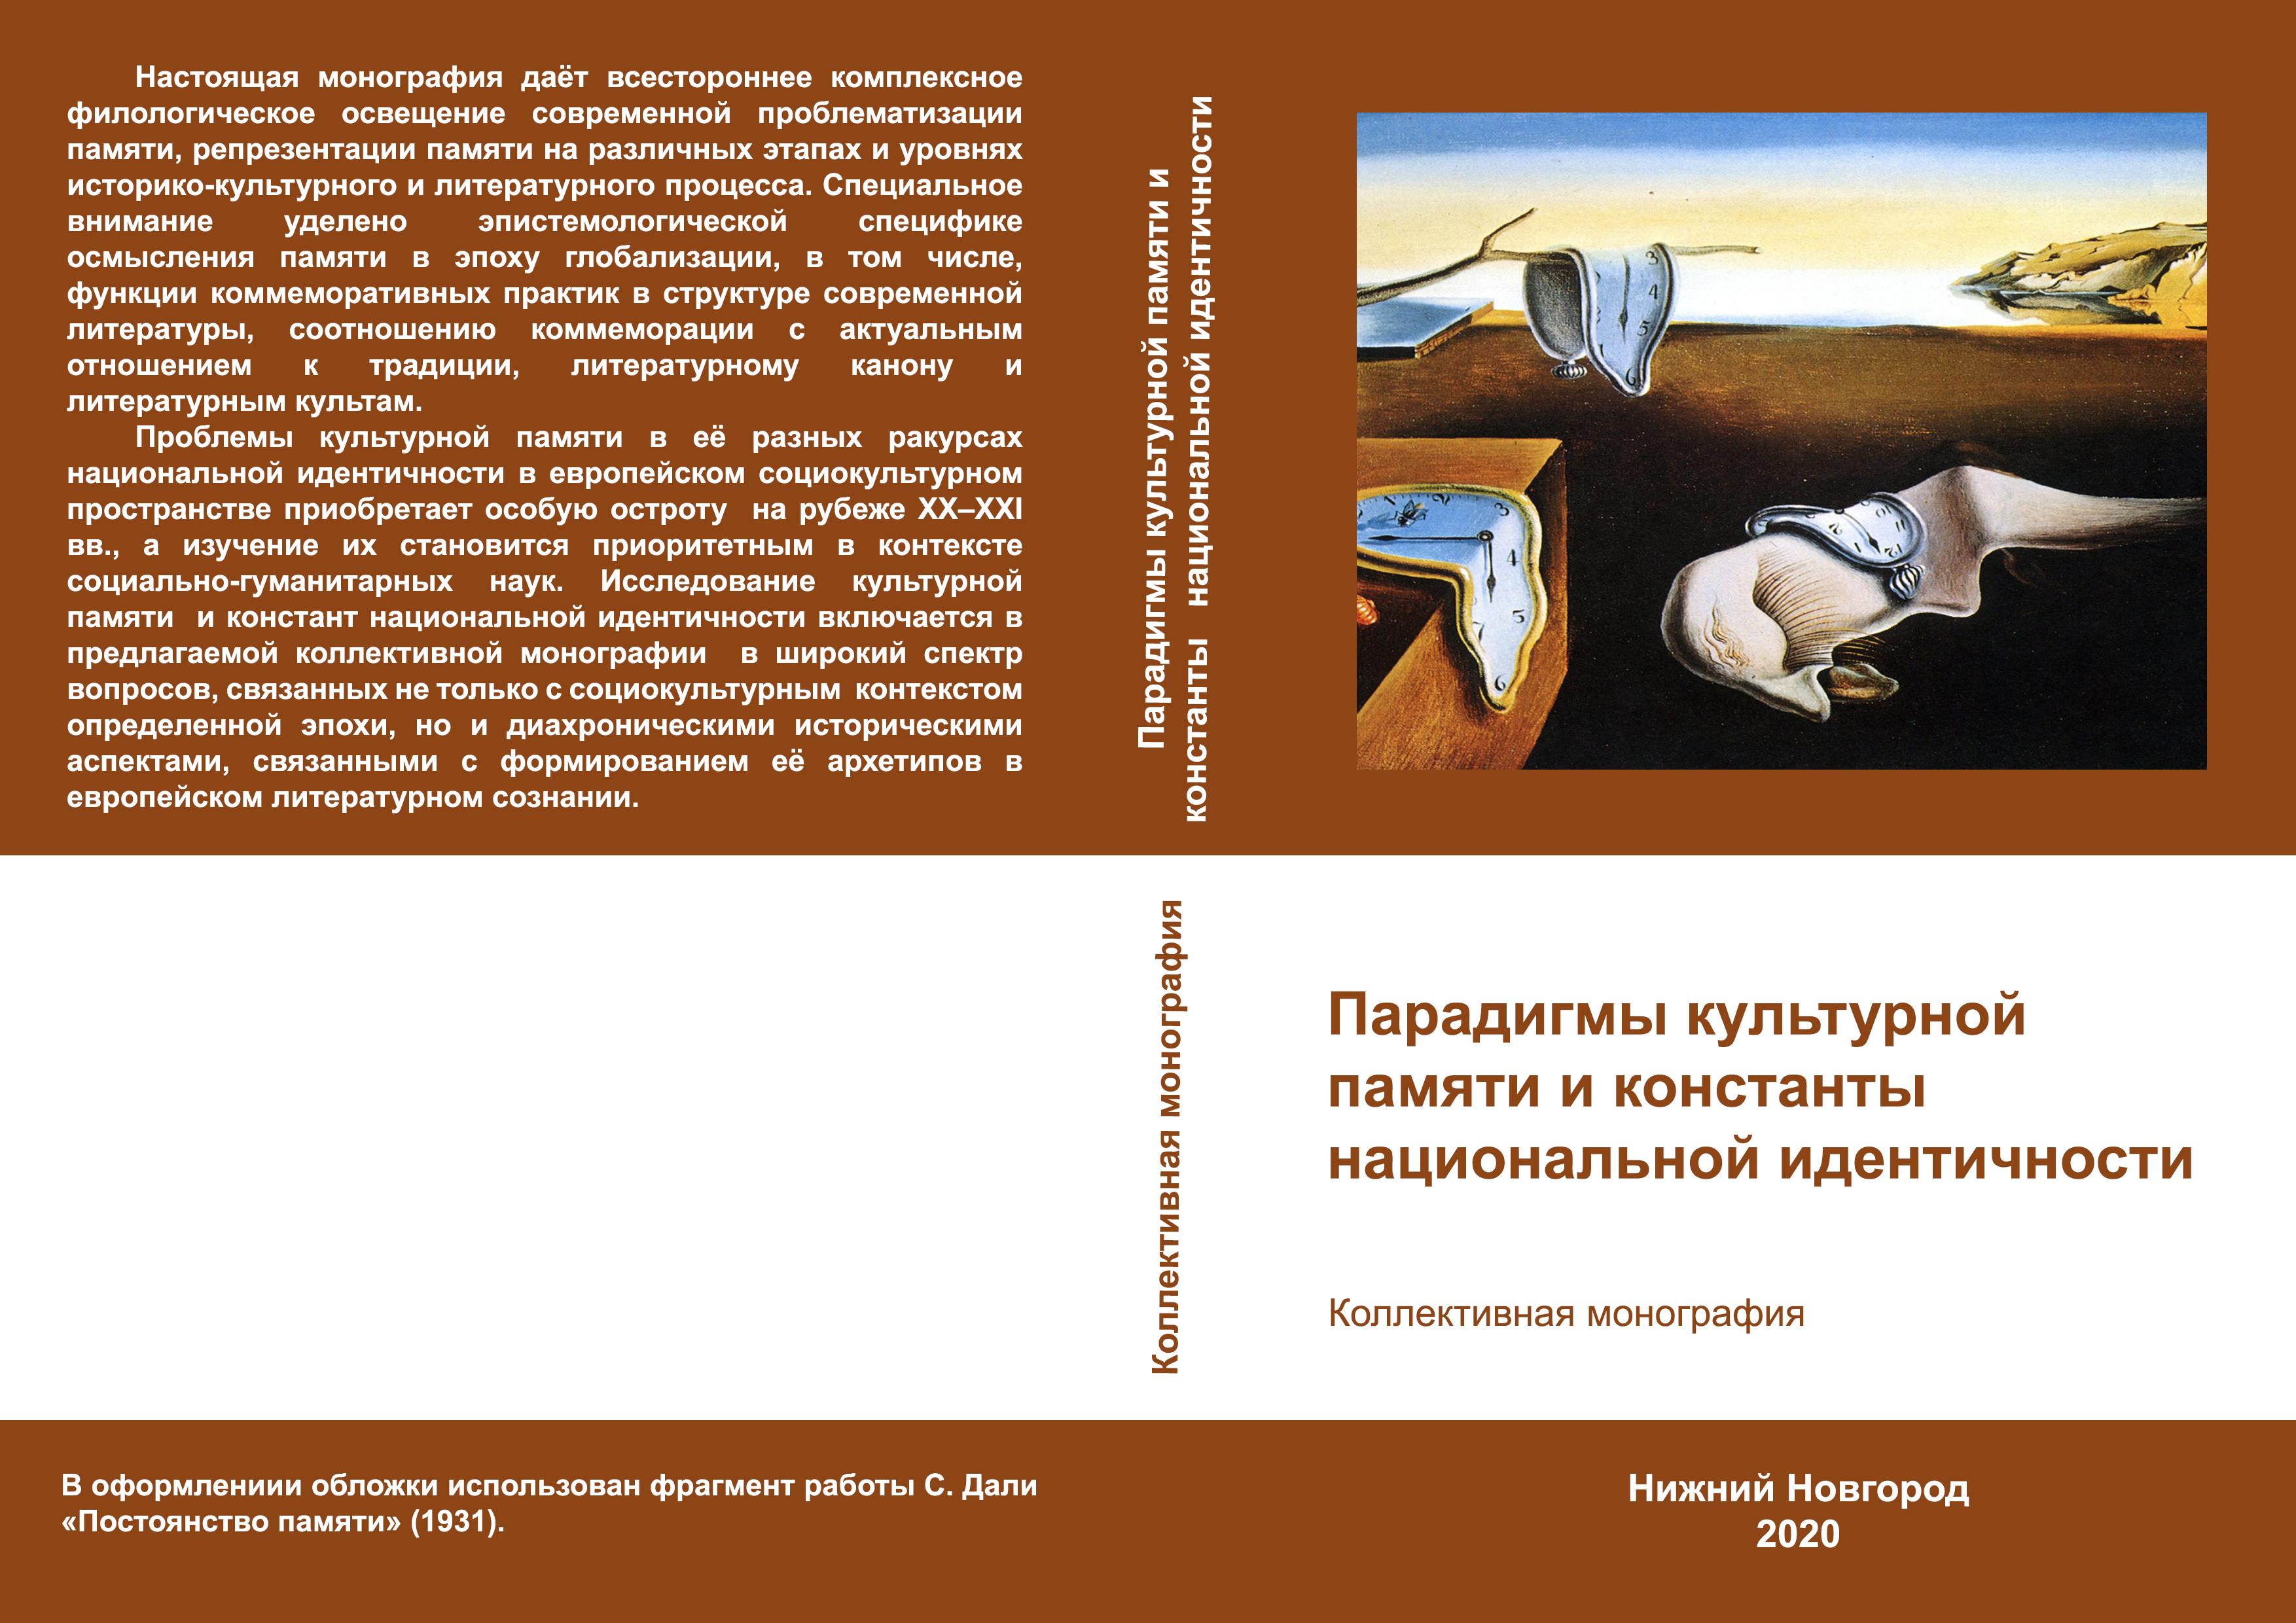 """Эстетические и политические импликации """"машинного субъекта"""" в послереволюционном авангарде и новейшей русскоязычной поэзии: наследование и отступление"""